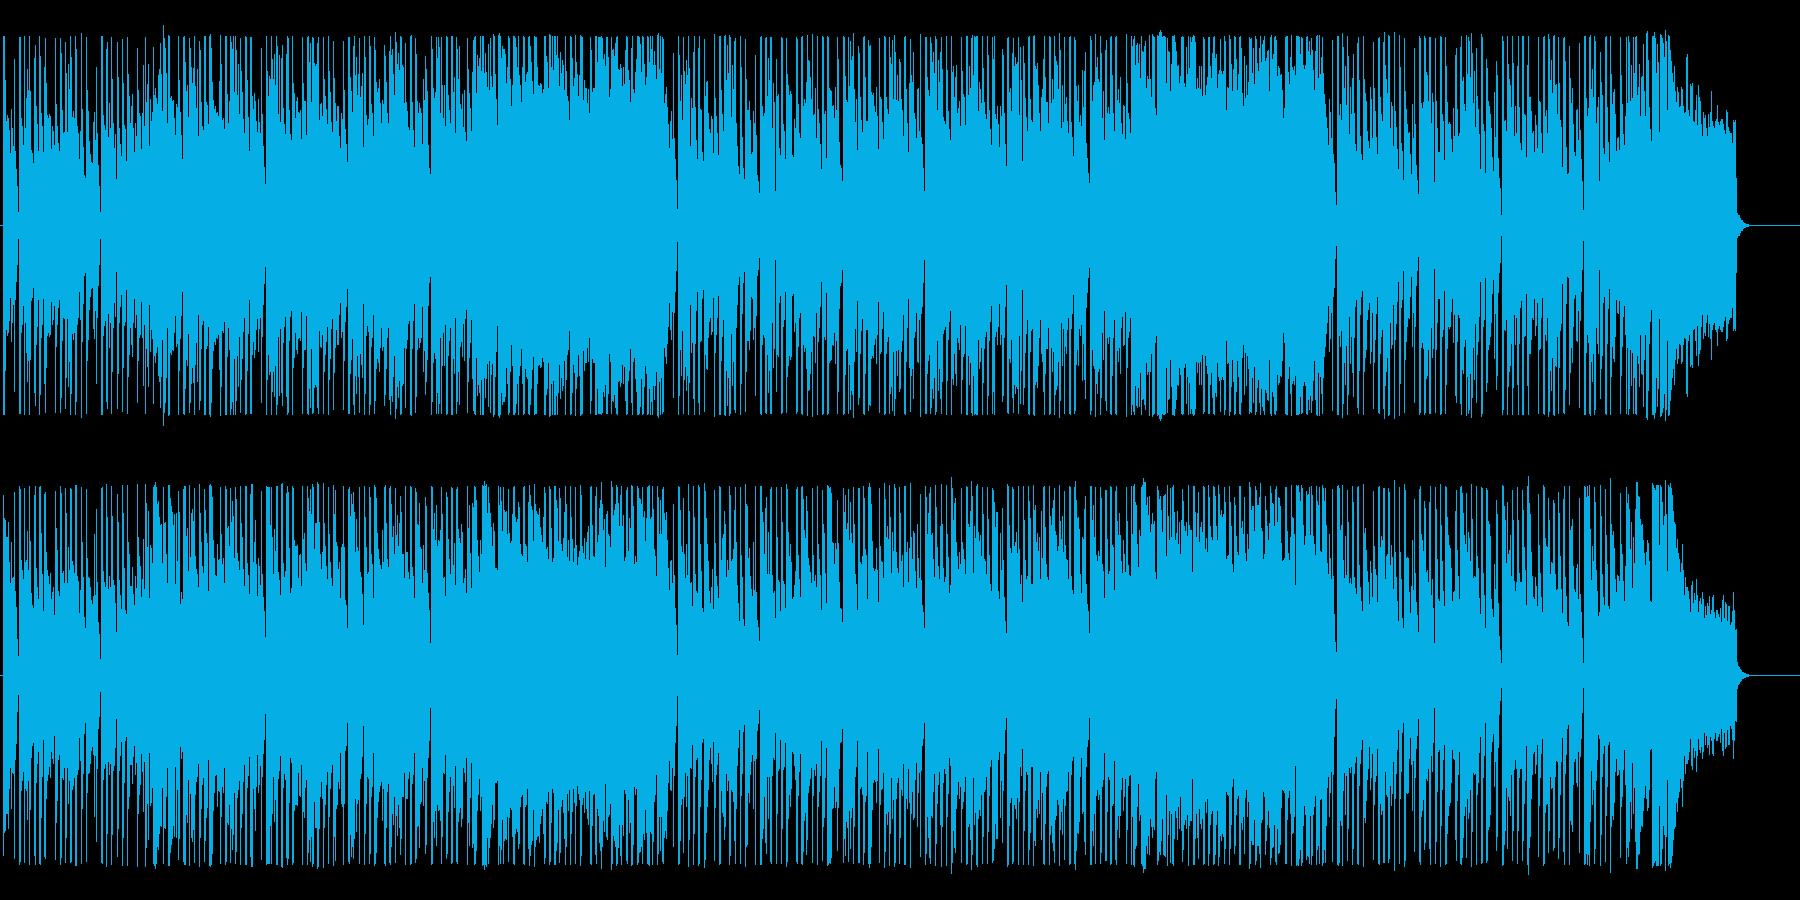 ポップでクールなBGMの再生済みの波形